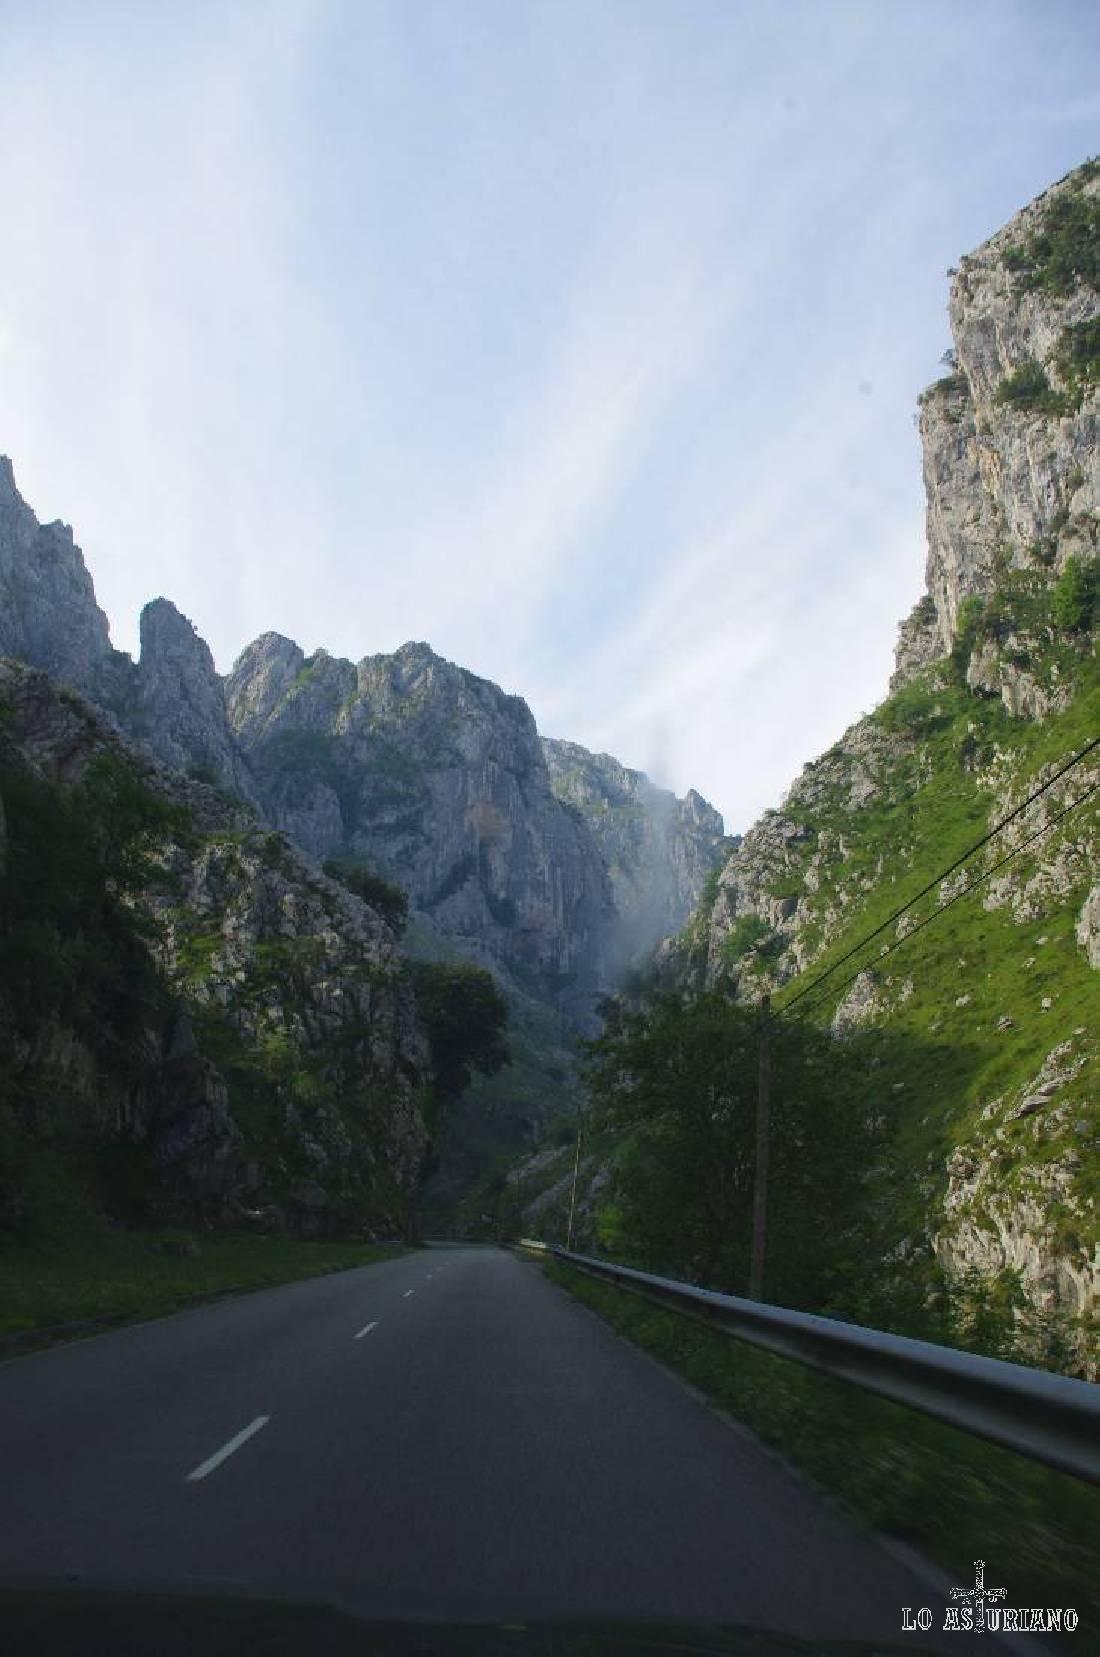 La carretera se va adentrando en las paredes rocosas del concejo de Cabrales, uno de los más bonitos de la zona.